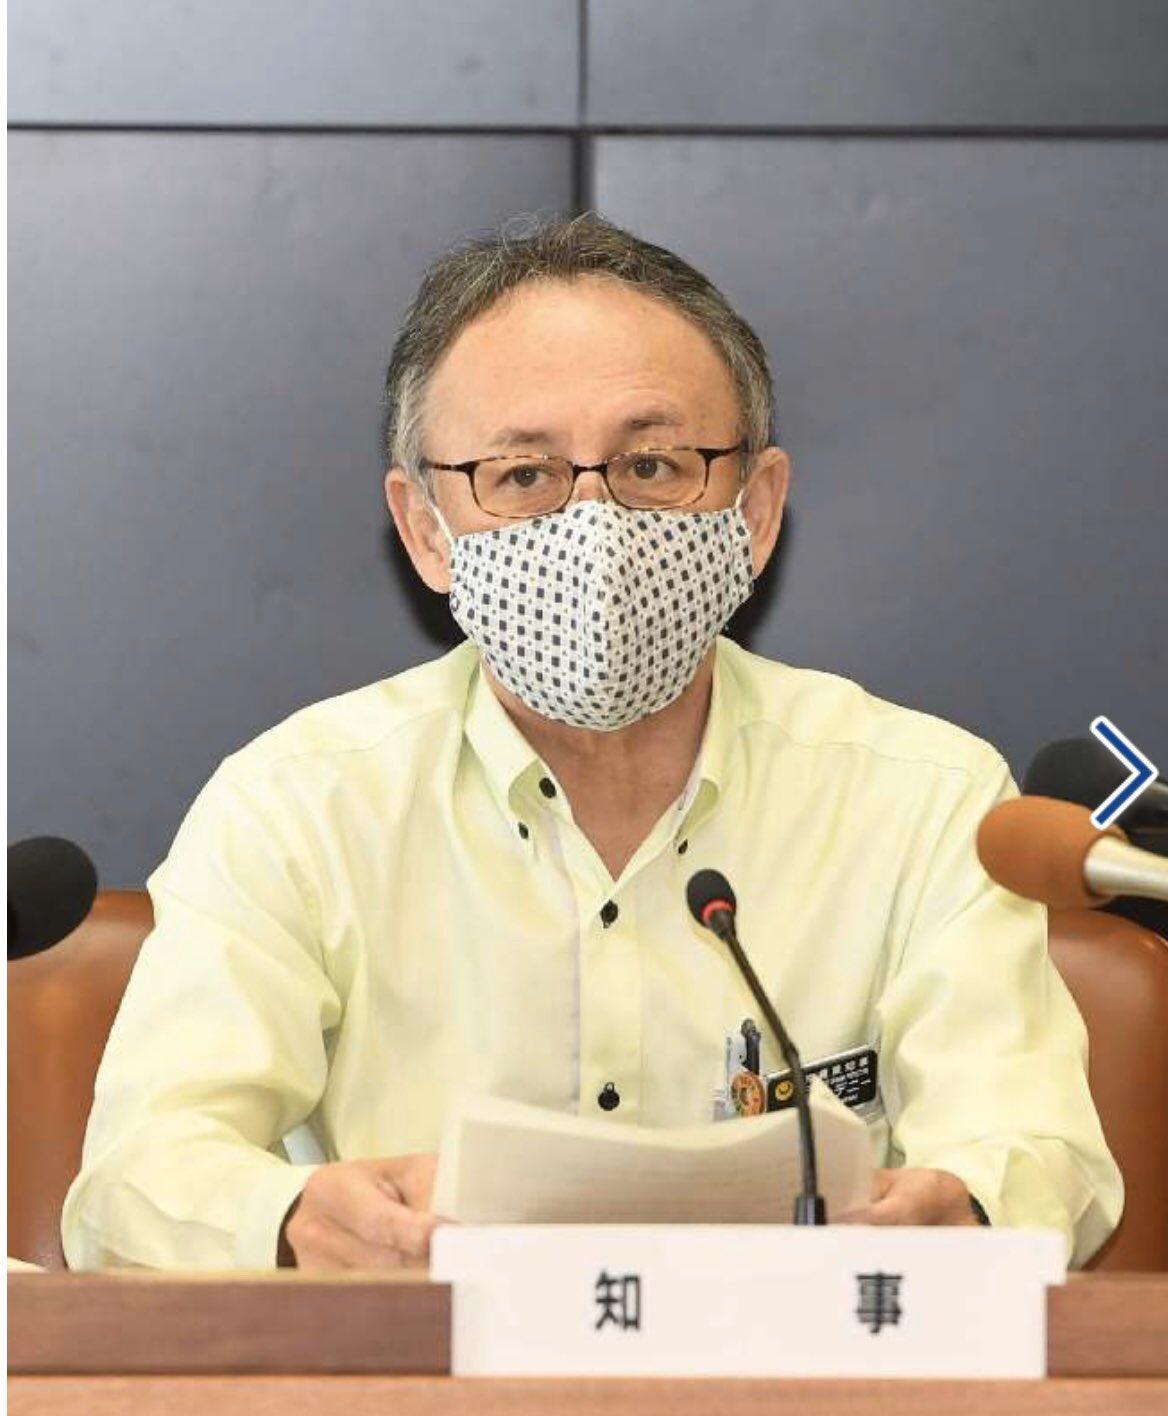 マスク デニー